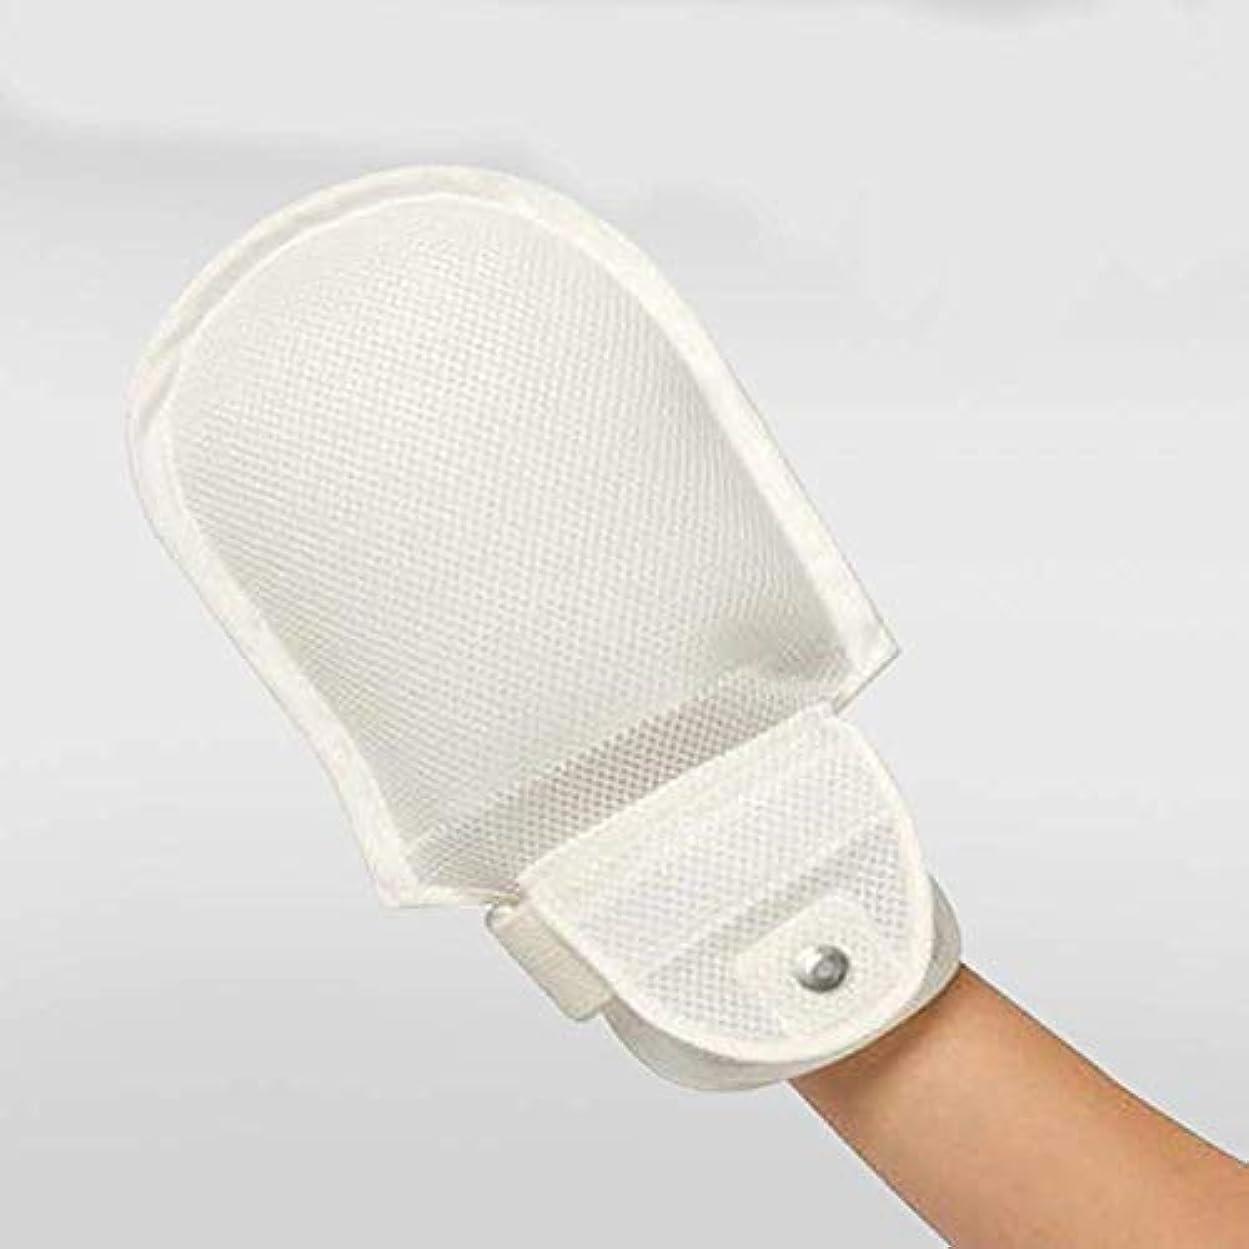 太平洋諸島ようこそモロニックフィンガーコントロールミット、手の拘束、認知症安全拘束手袋ハンドプロテクターを保護します。 (2PCS)